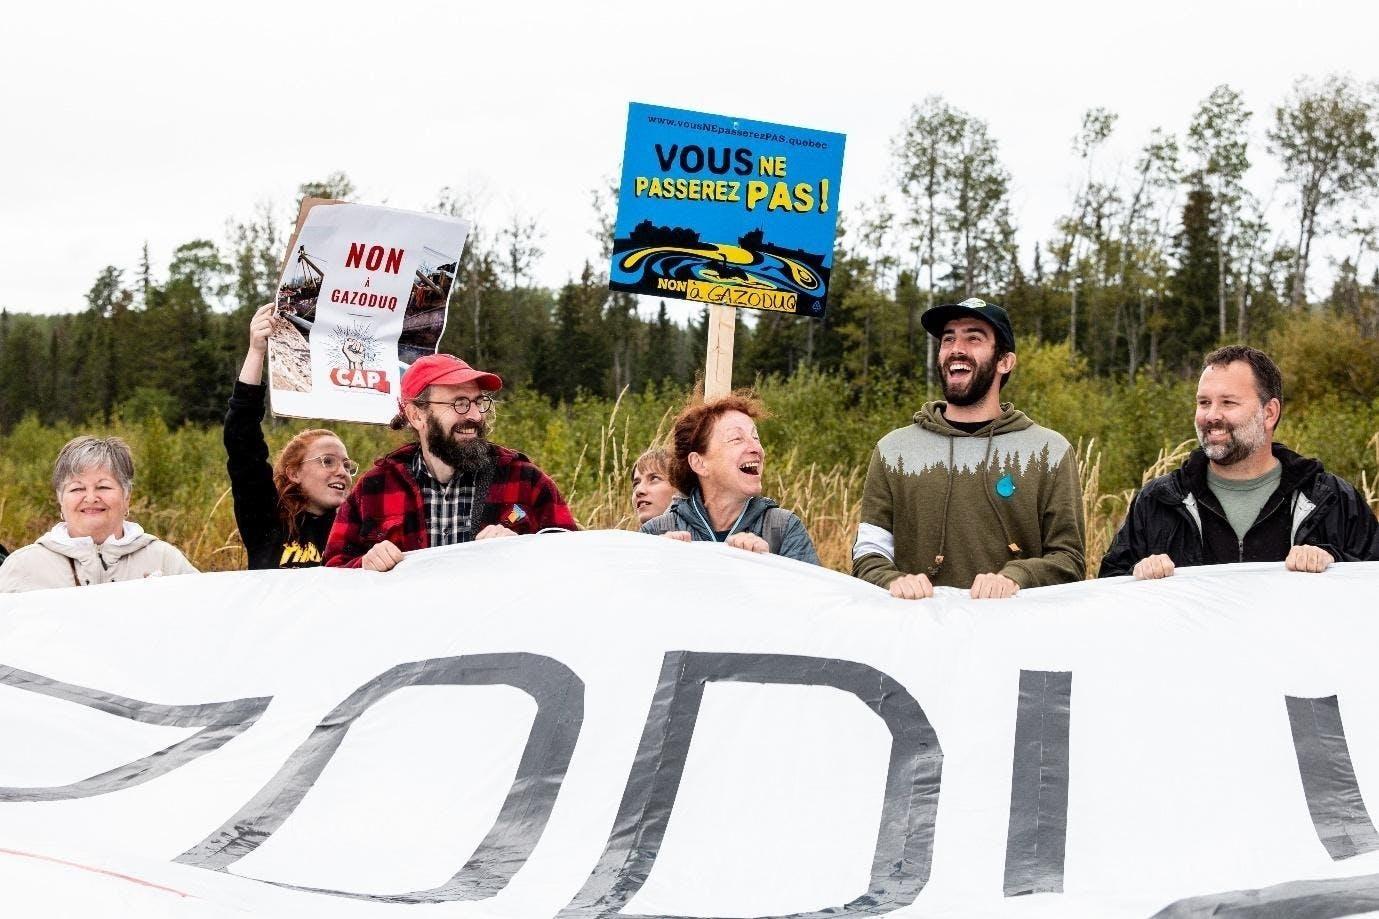 Mitglieder verschiedener Umweltschutz-Bündnisse singen an der Grenze zwischen Ontario und Québec Slogans gegen das Erdgasprojekt.